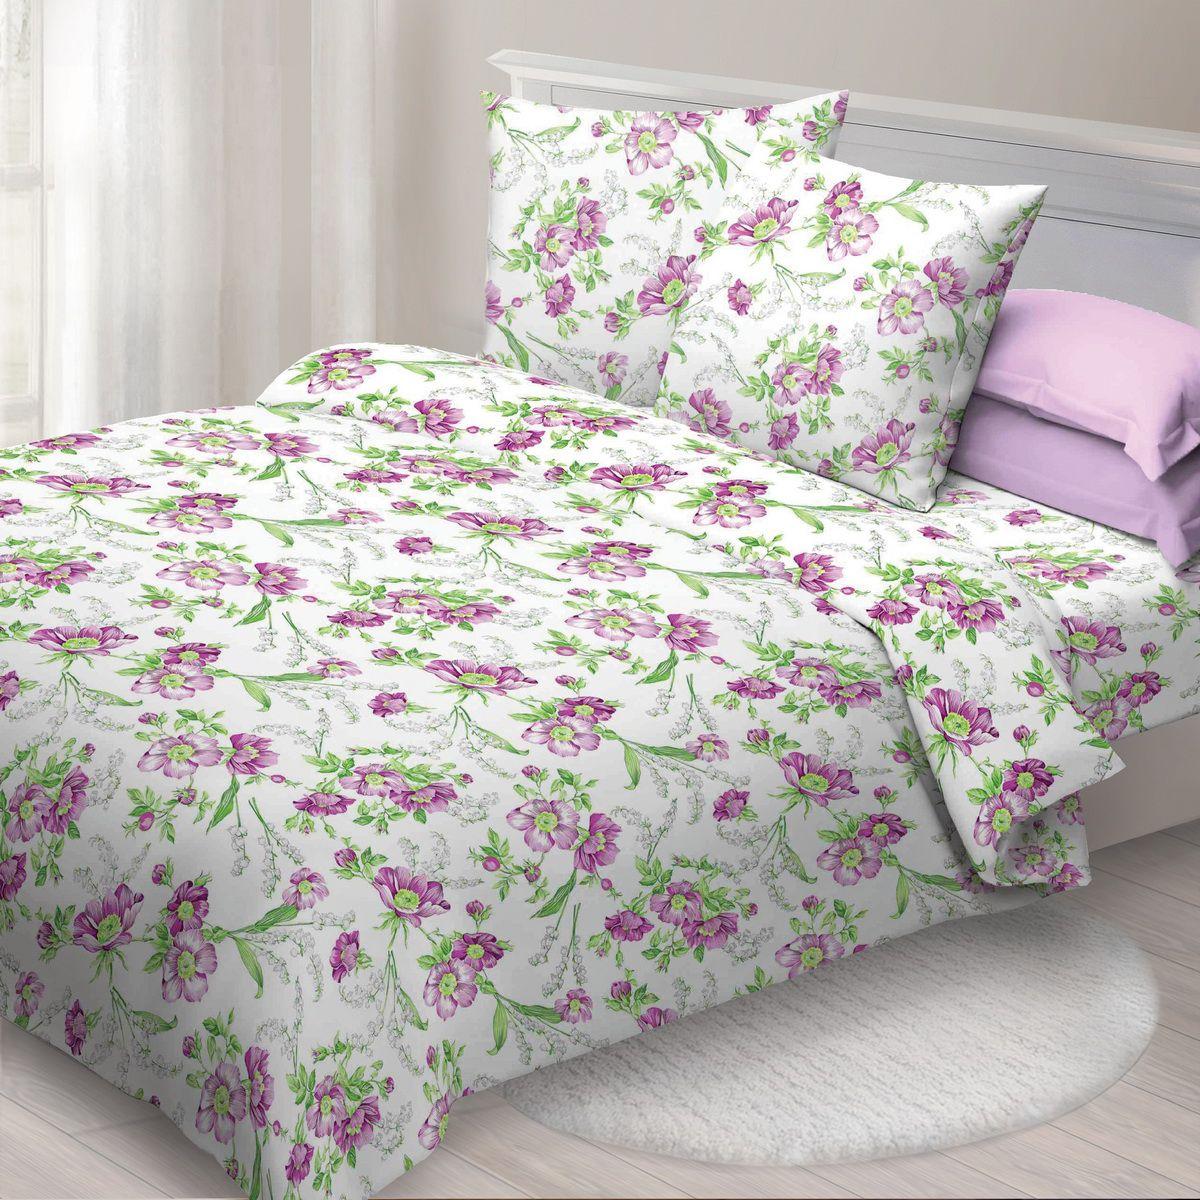 Комплект белья Спал Спалыч Монмартр, 1,5-спальное, наволочки 70x70, цвет: розовый88012Спал Спалыч - недорогое, но качественное постельное белье из белорусской бязи. Актуальные дизайны, авторская упаковка в сочетании с качественными материалами и приемлемой ценой - залог успеха Спал Спалыча! В ассортименте широкая линейка домашнего текстиля для всей семьи - современные дизайны современному покупателю! Ткань обработана по технологии PERFECT WAY - благодаря чему, она становится более гладкой и шелковистой. • Бязь Барановичи 100% хлопок • Плотность ткани - 125 гр/кв.м.